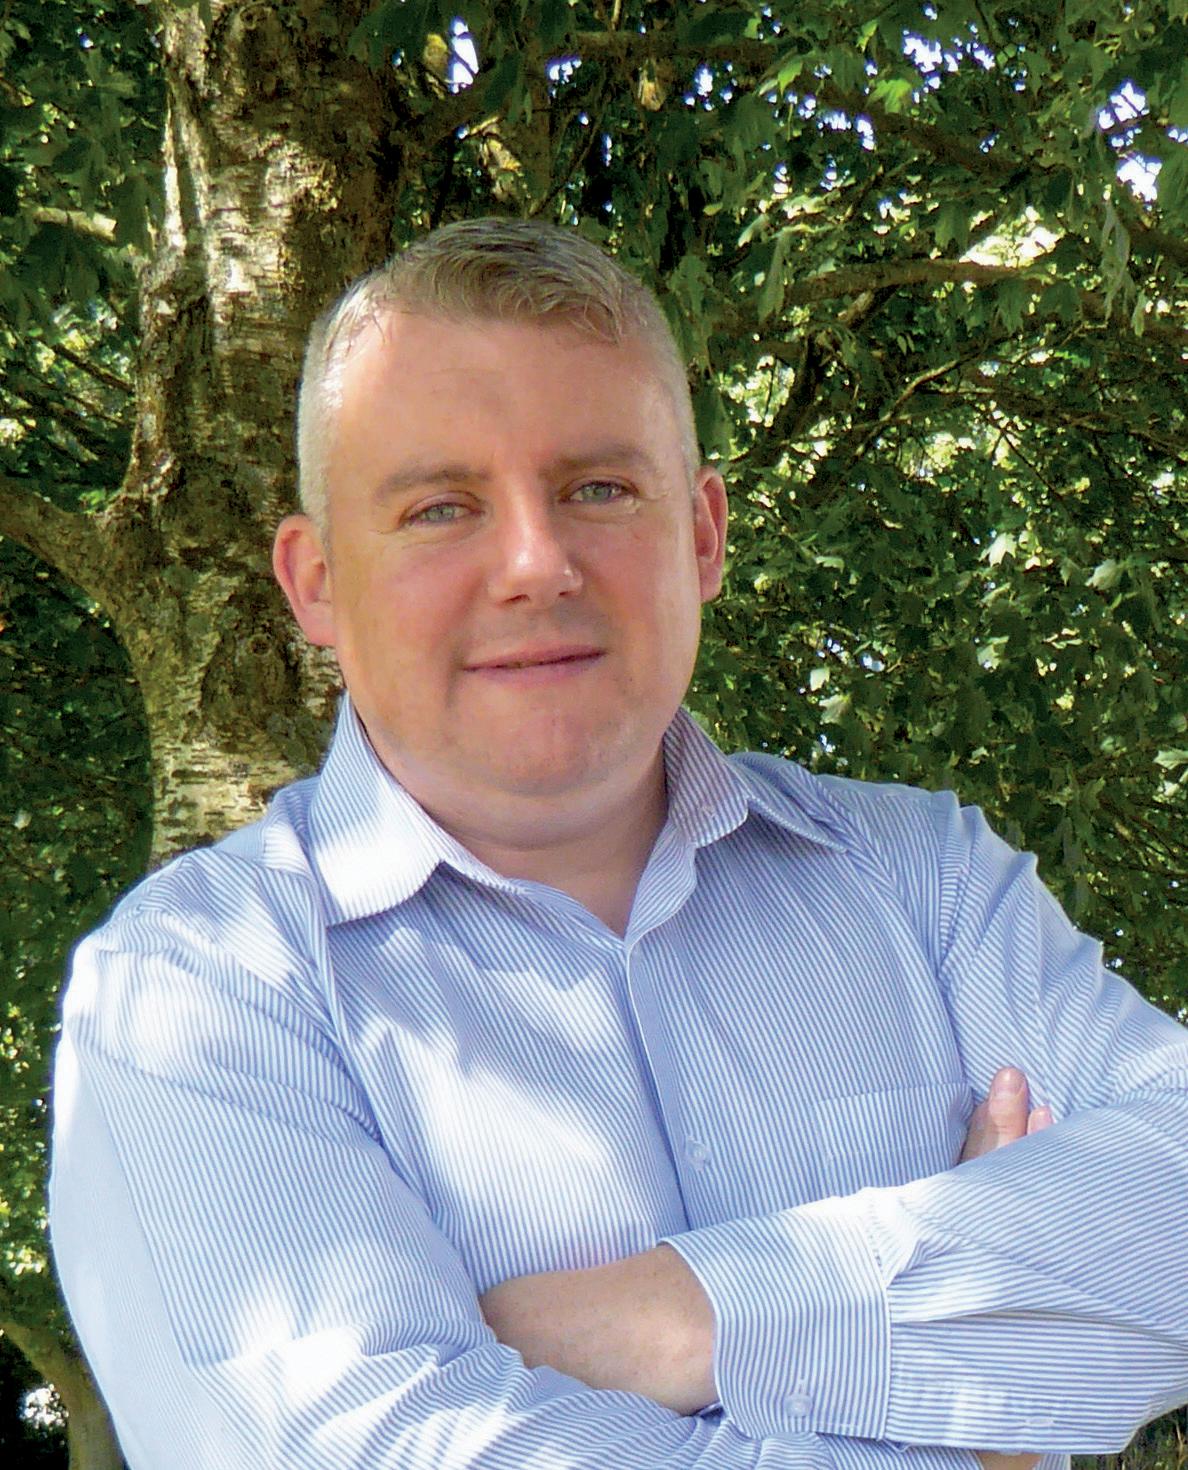 Murrough McDonagh